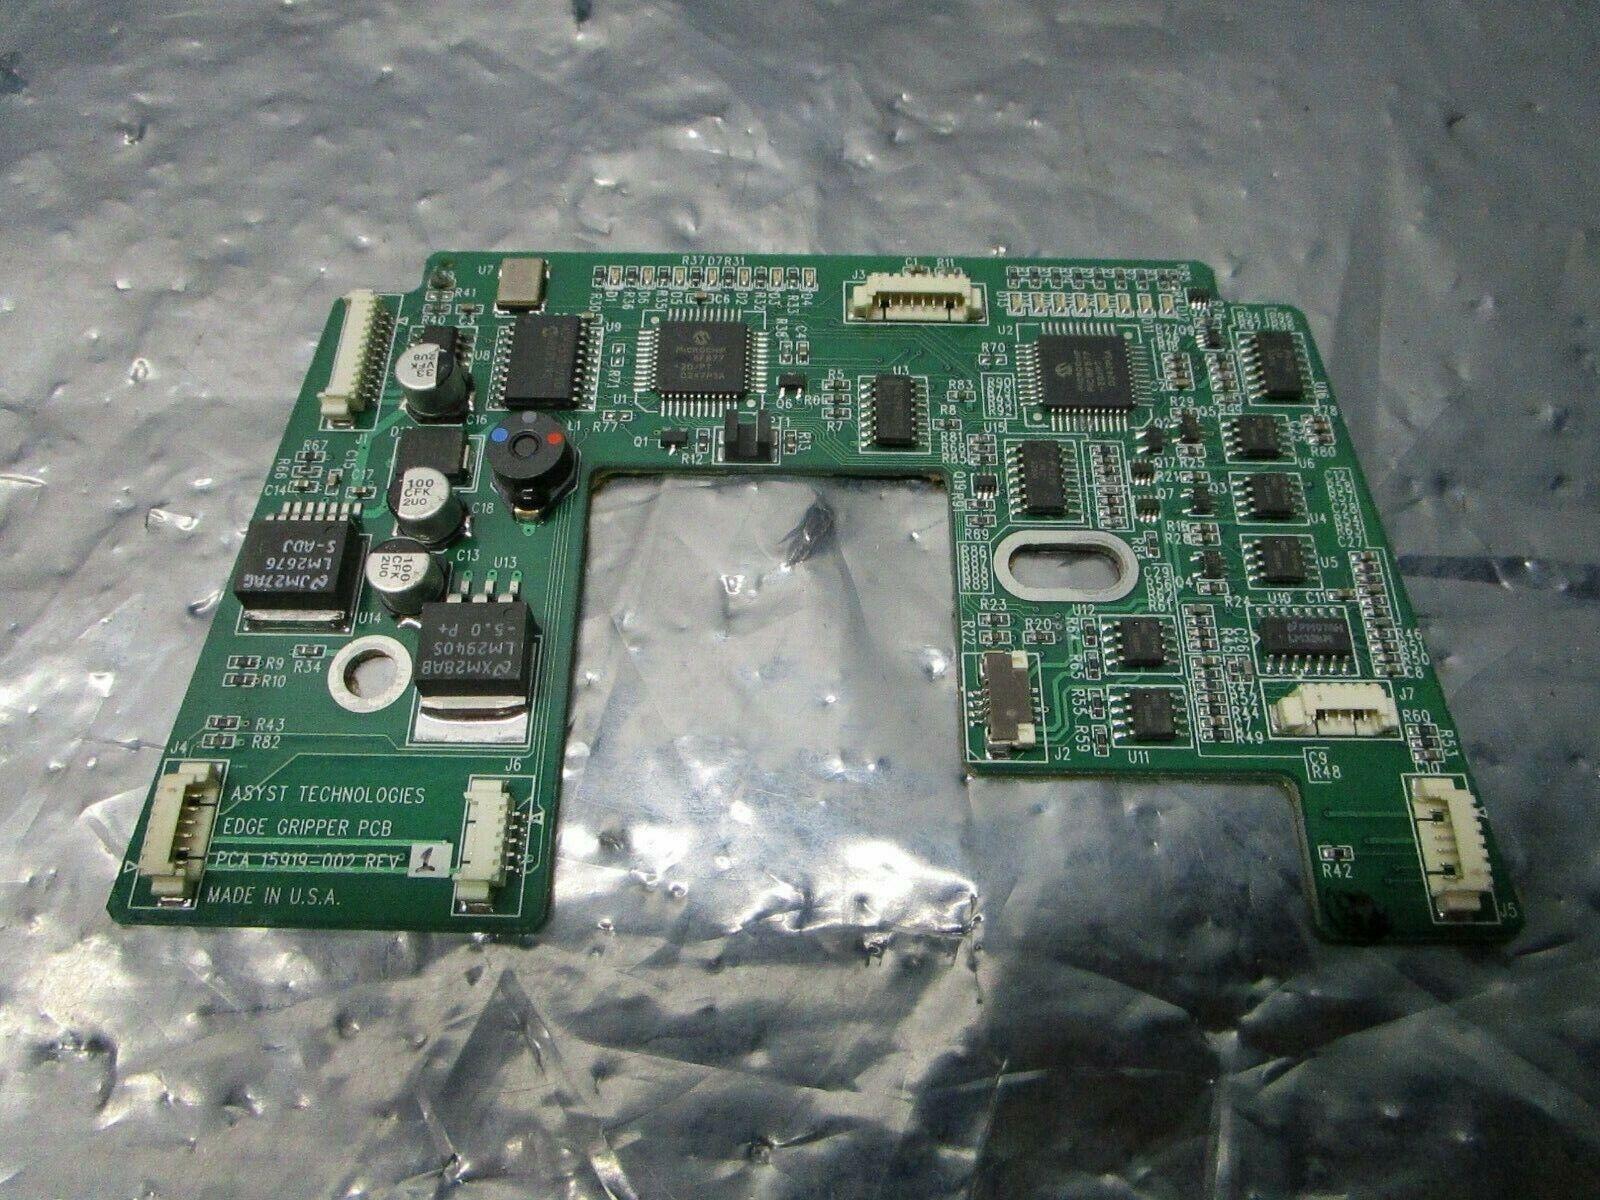 Asyst 15919-002 Edge Gripper PCB, FAB 15918-002, 101185